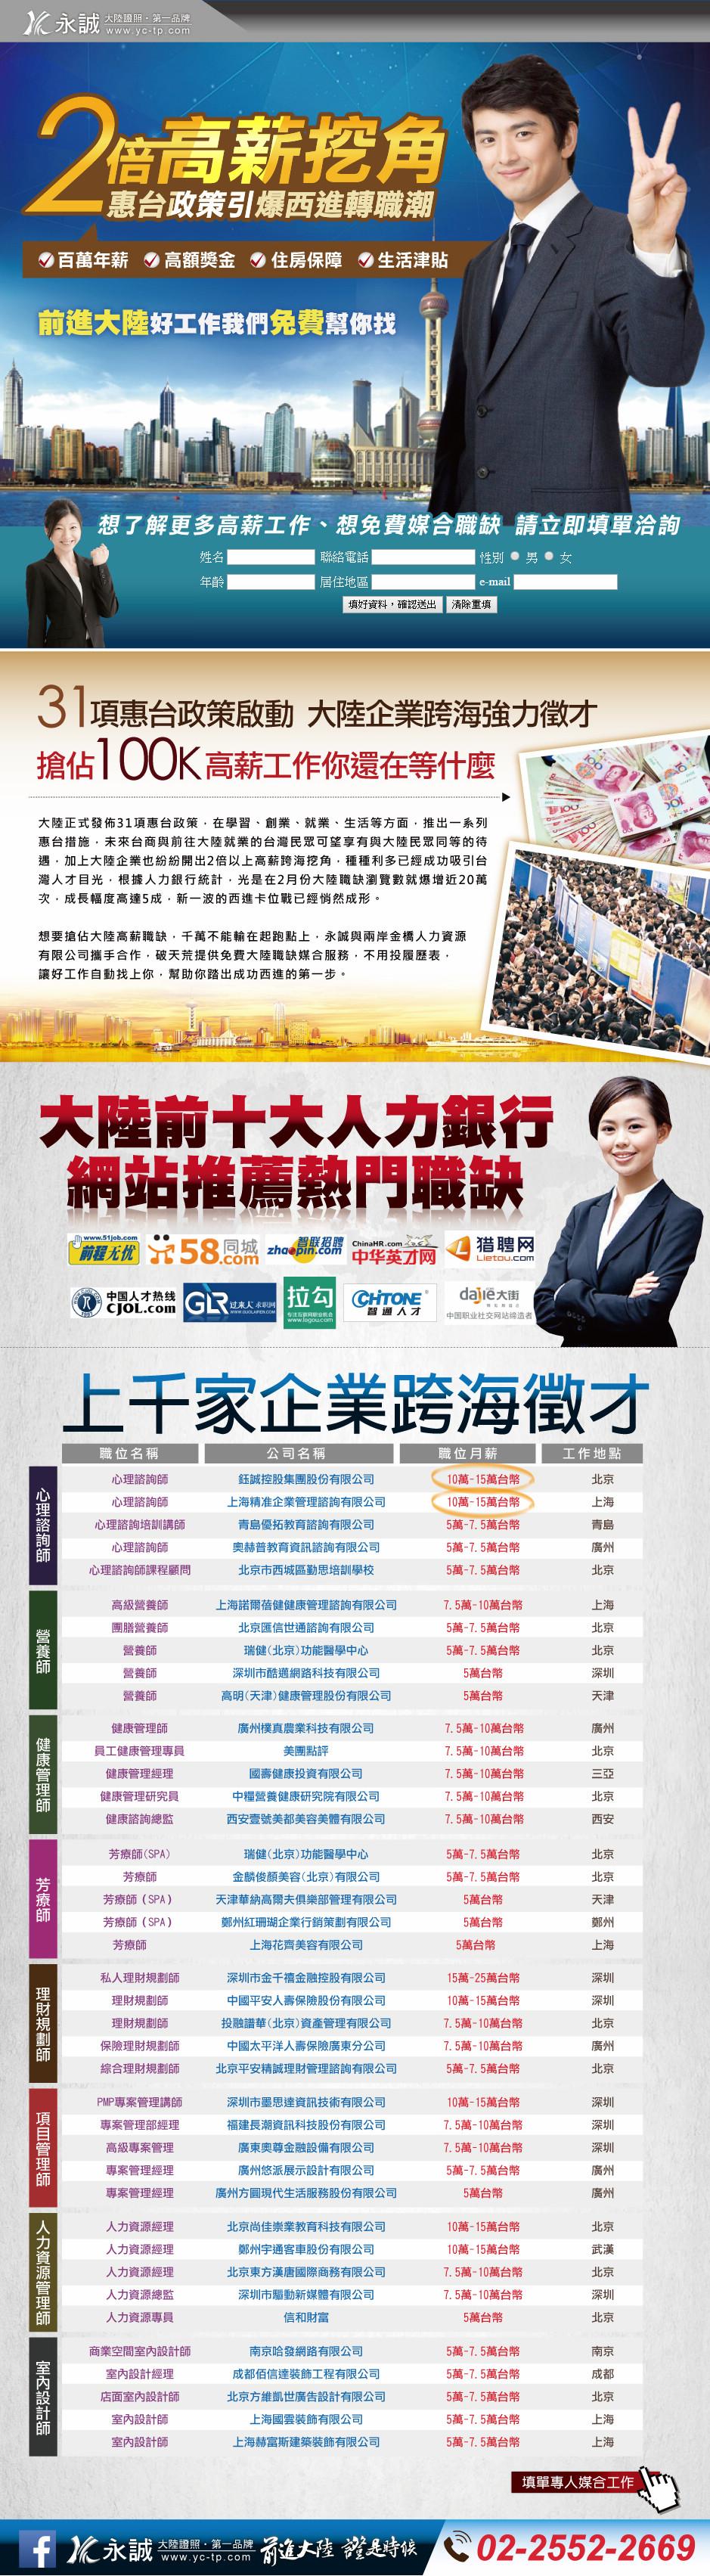 大陸惠台政策引爆西進轉職潮